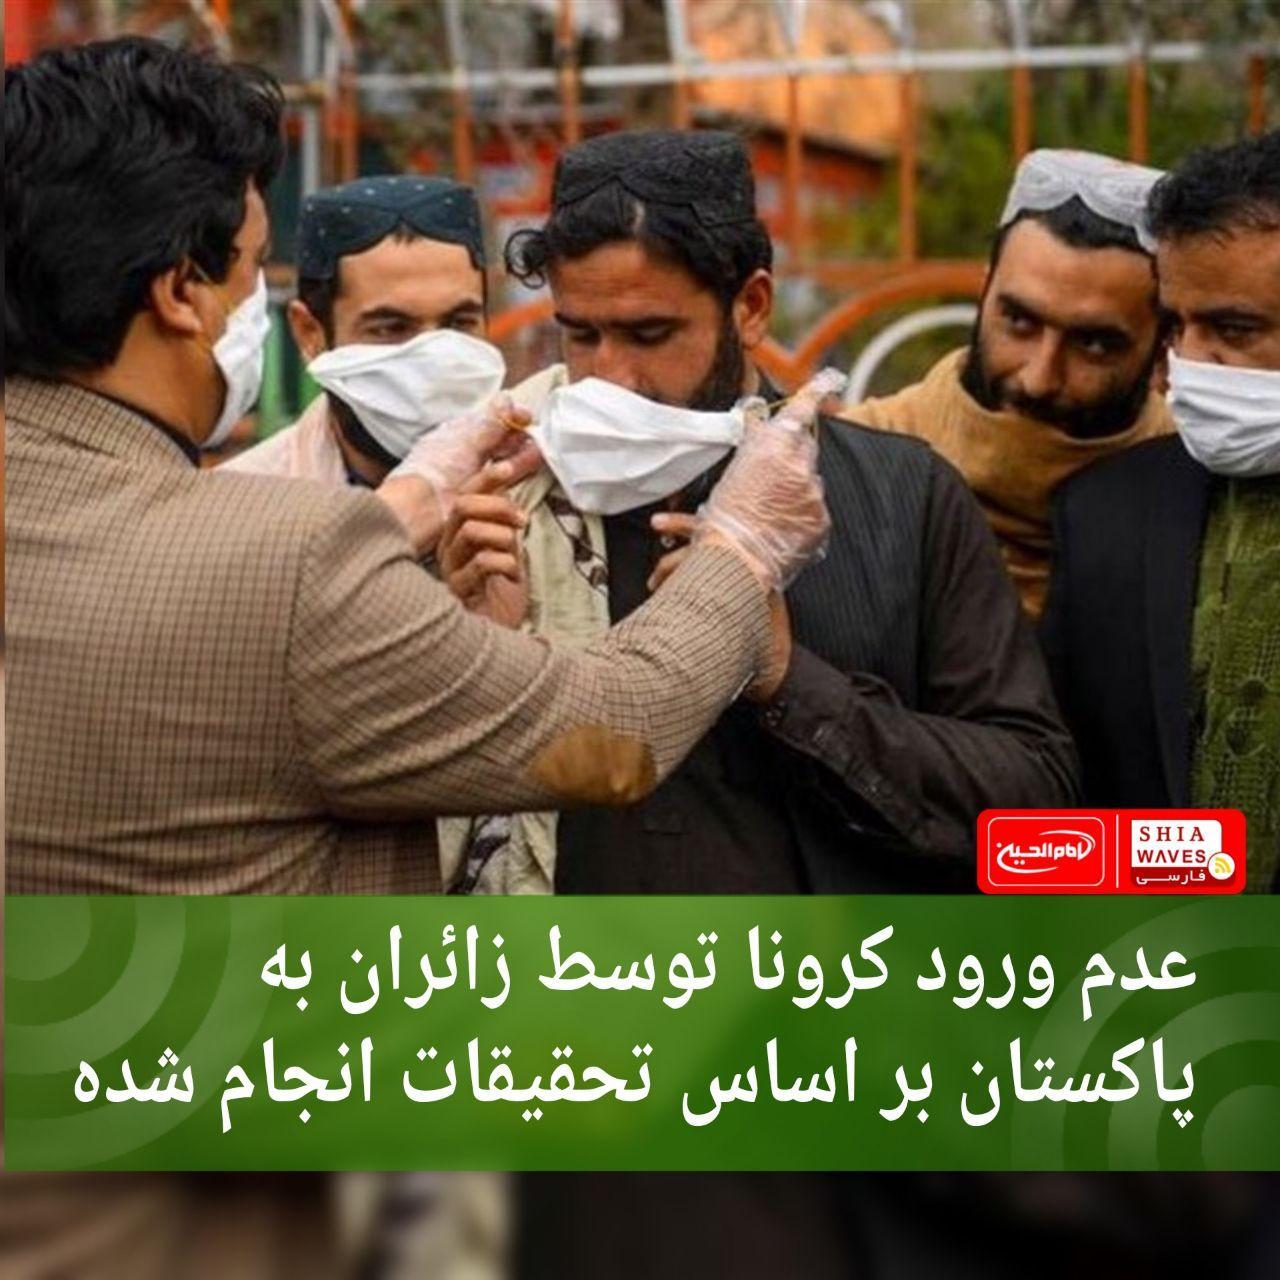 تصویر عدم ورود کرونا توسط زائران به پاکستان بر اساس تحقیقات انجام شده